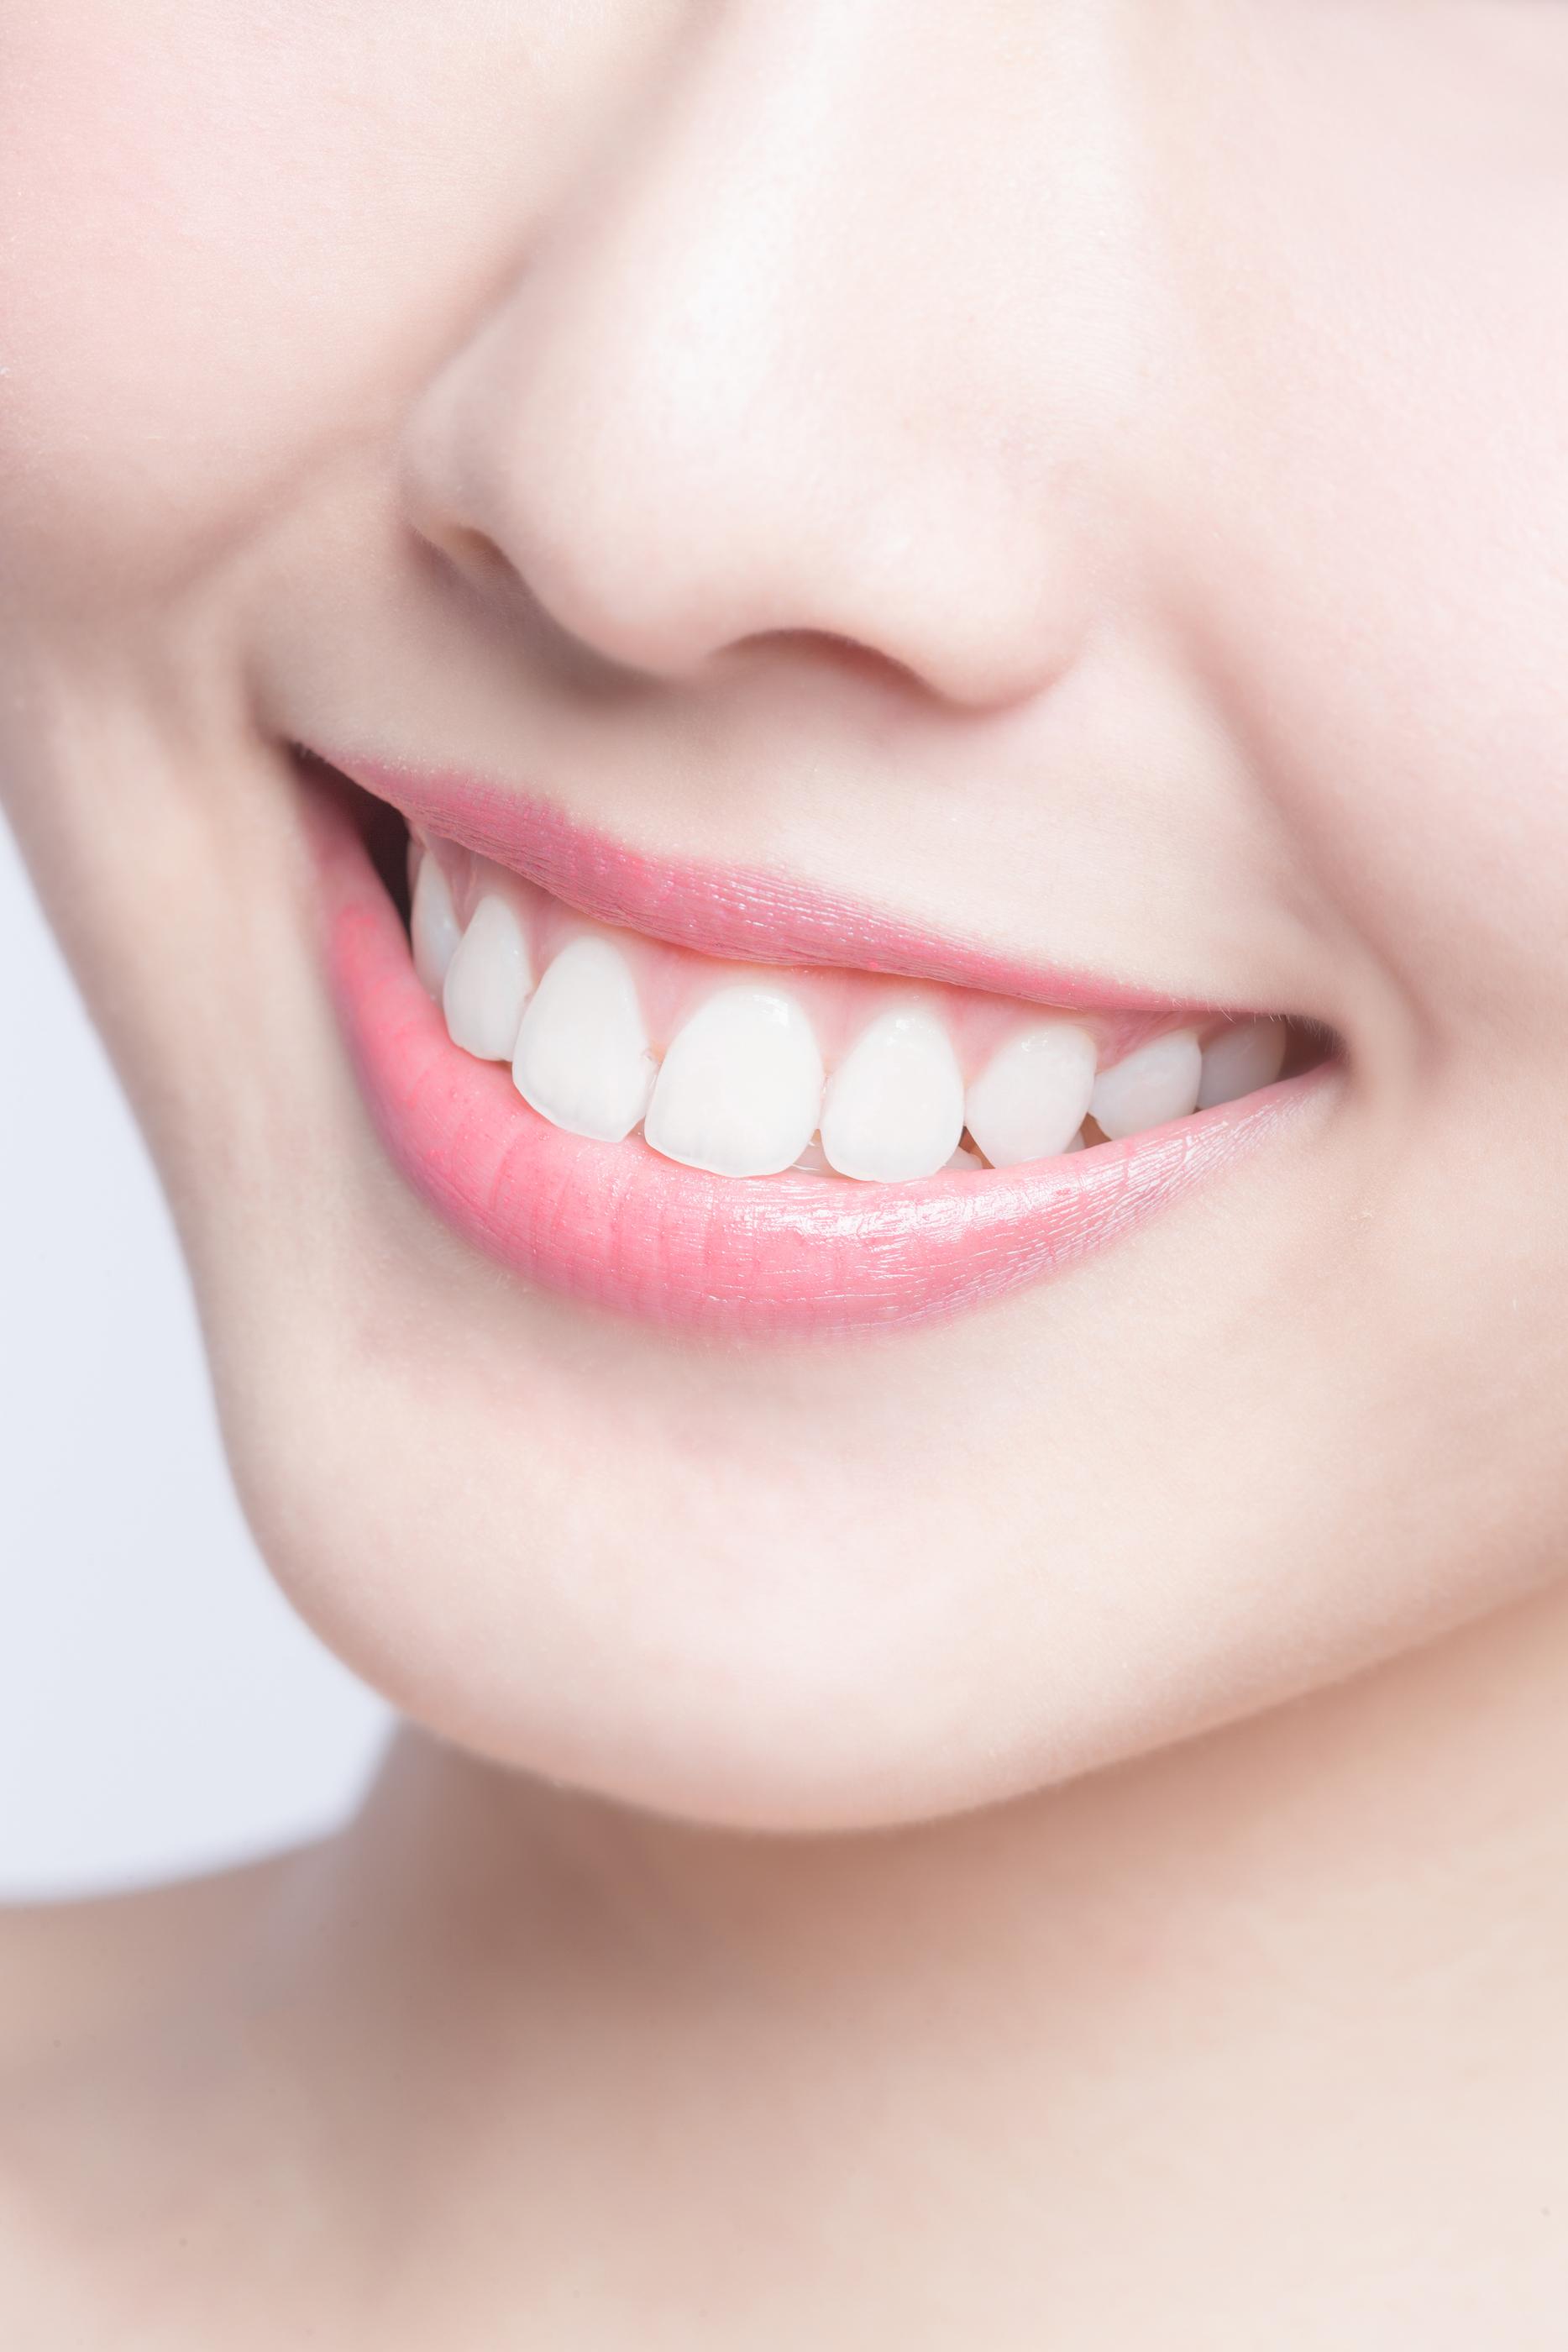 Implant dentaire et couronne